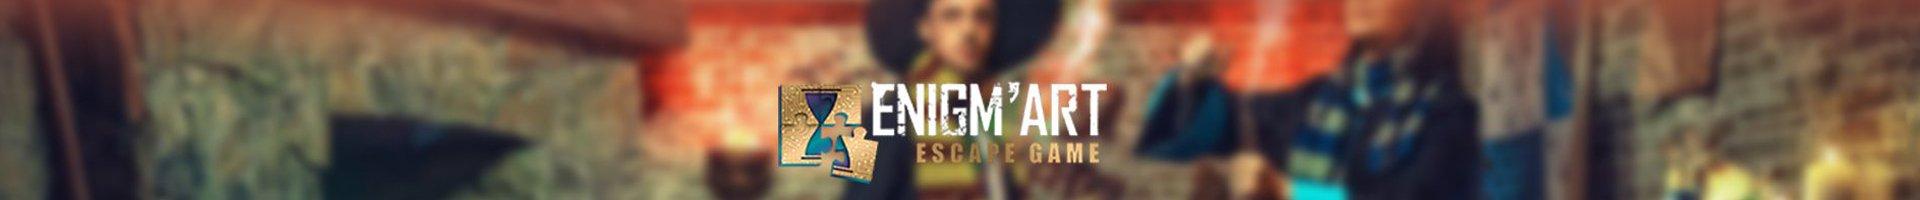 enigmart escape game harry potter.jpg